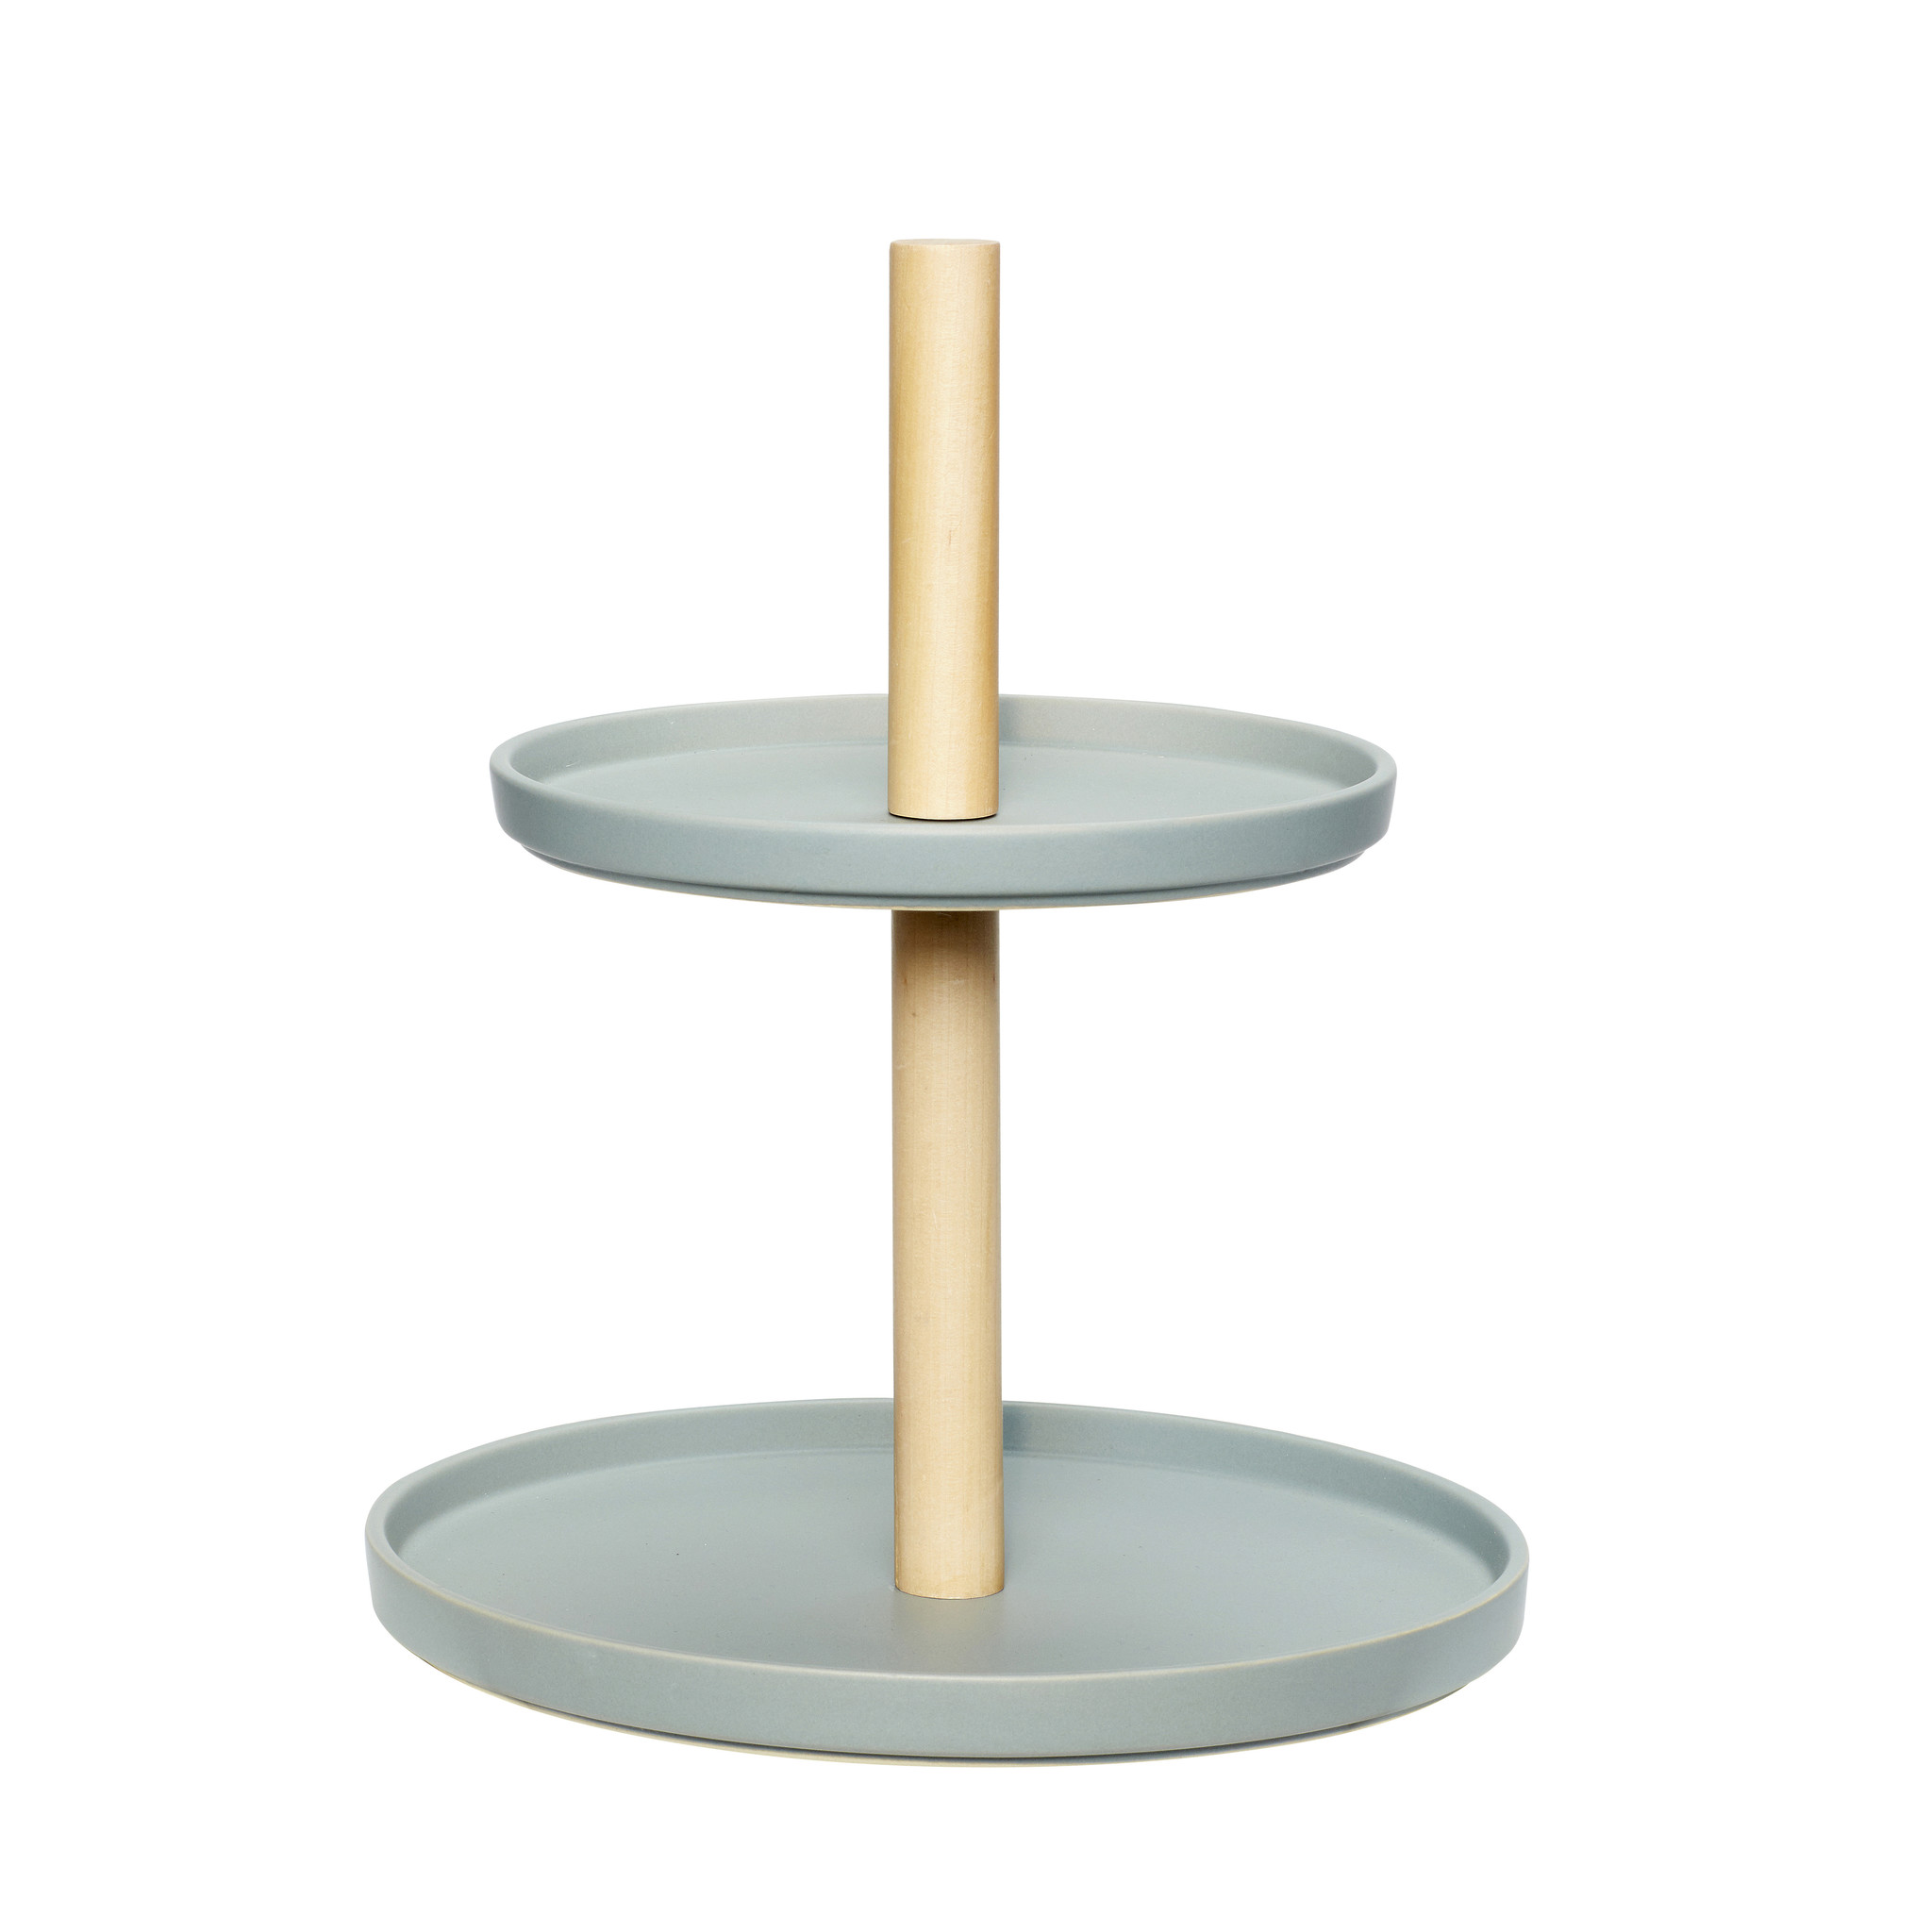 Hubsch Etagere met 2 borden, keramiek / hout, grijset van natuur-860211-5712772051009